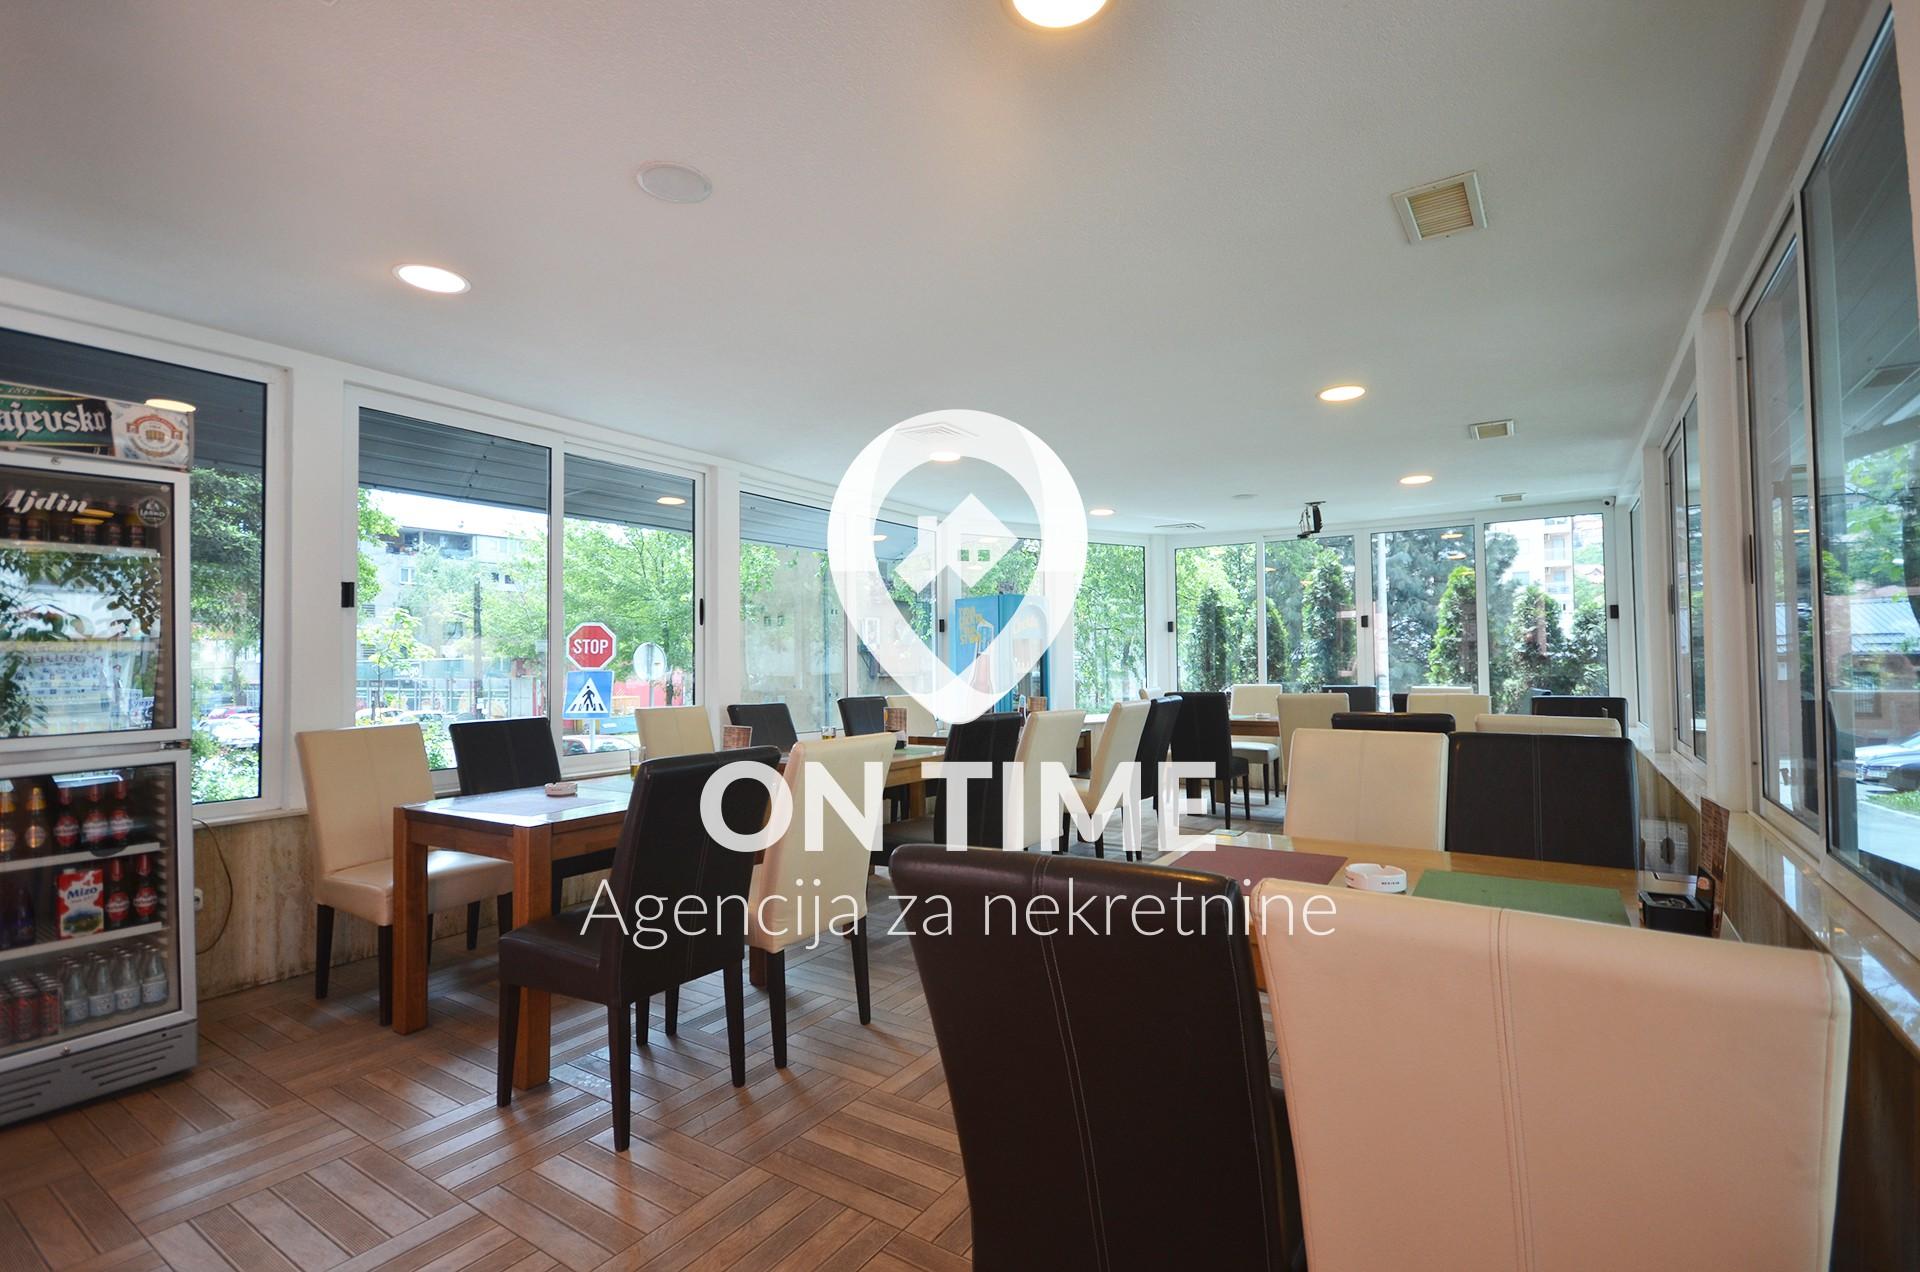 Poslovni prostor / Restoran sa kuhinjom, Buća Potok,  115 m2